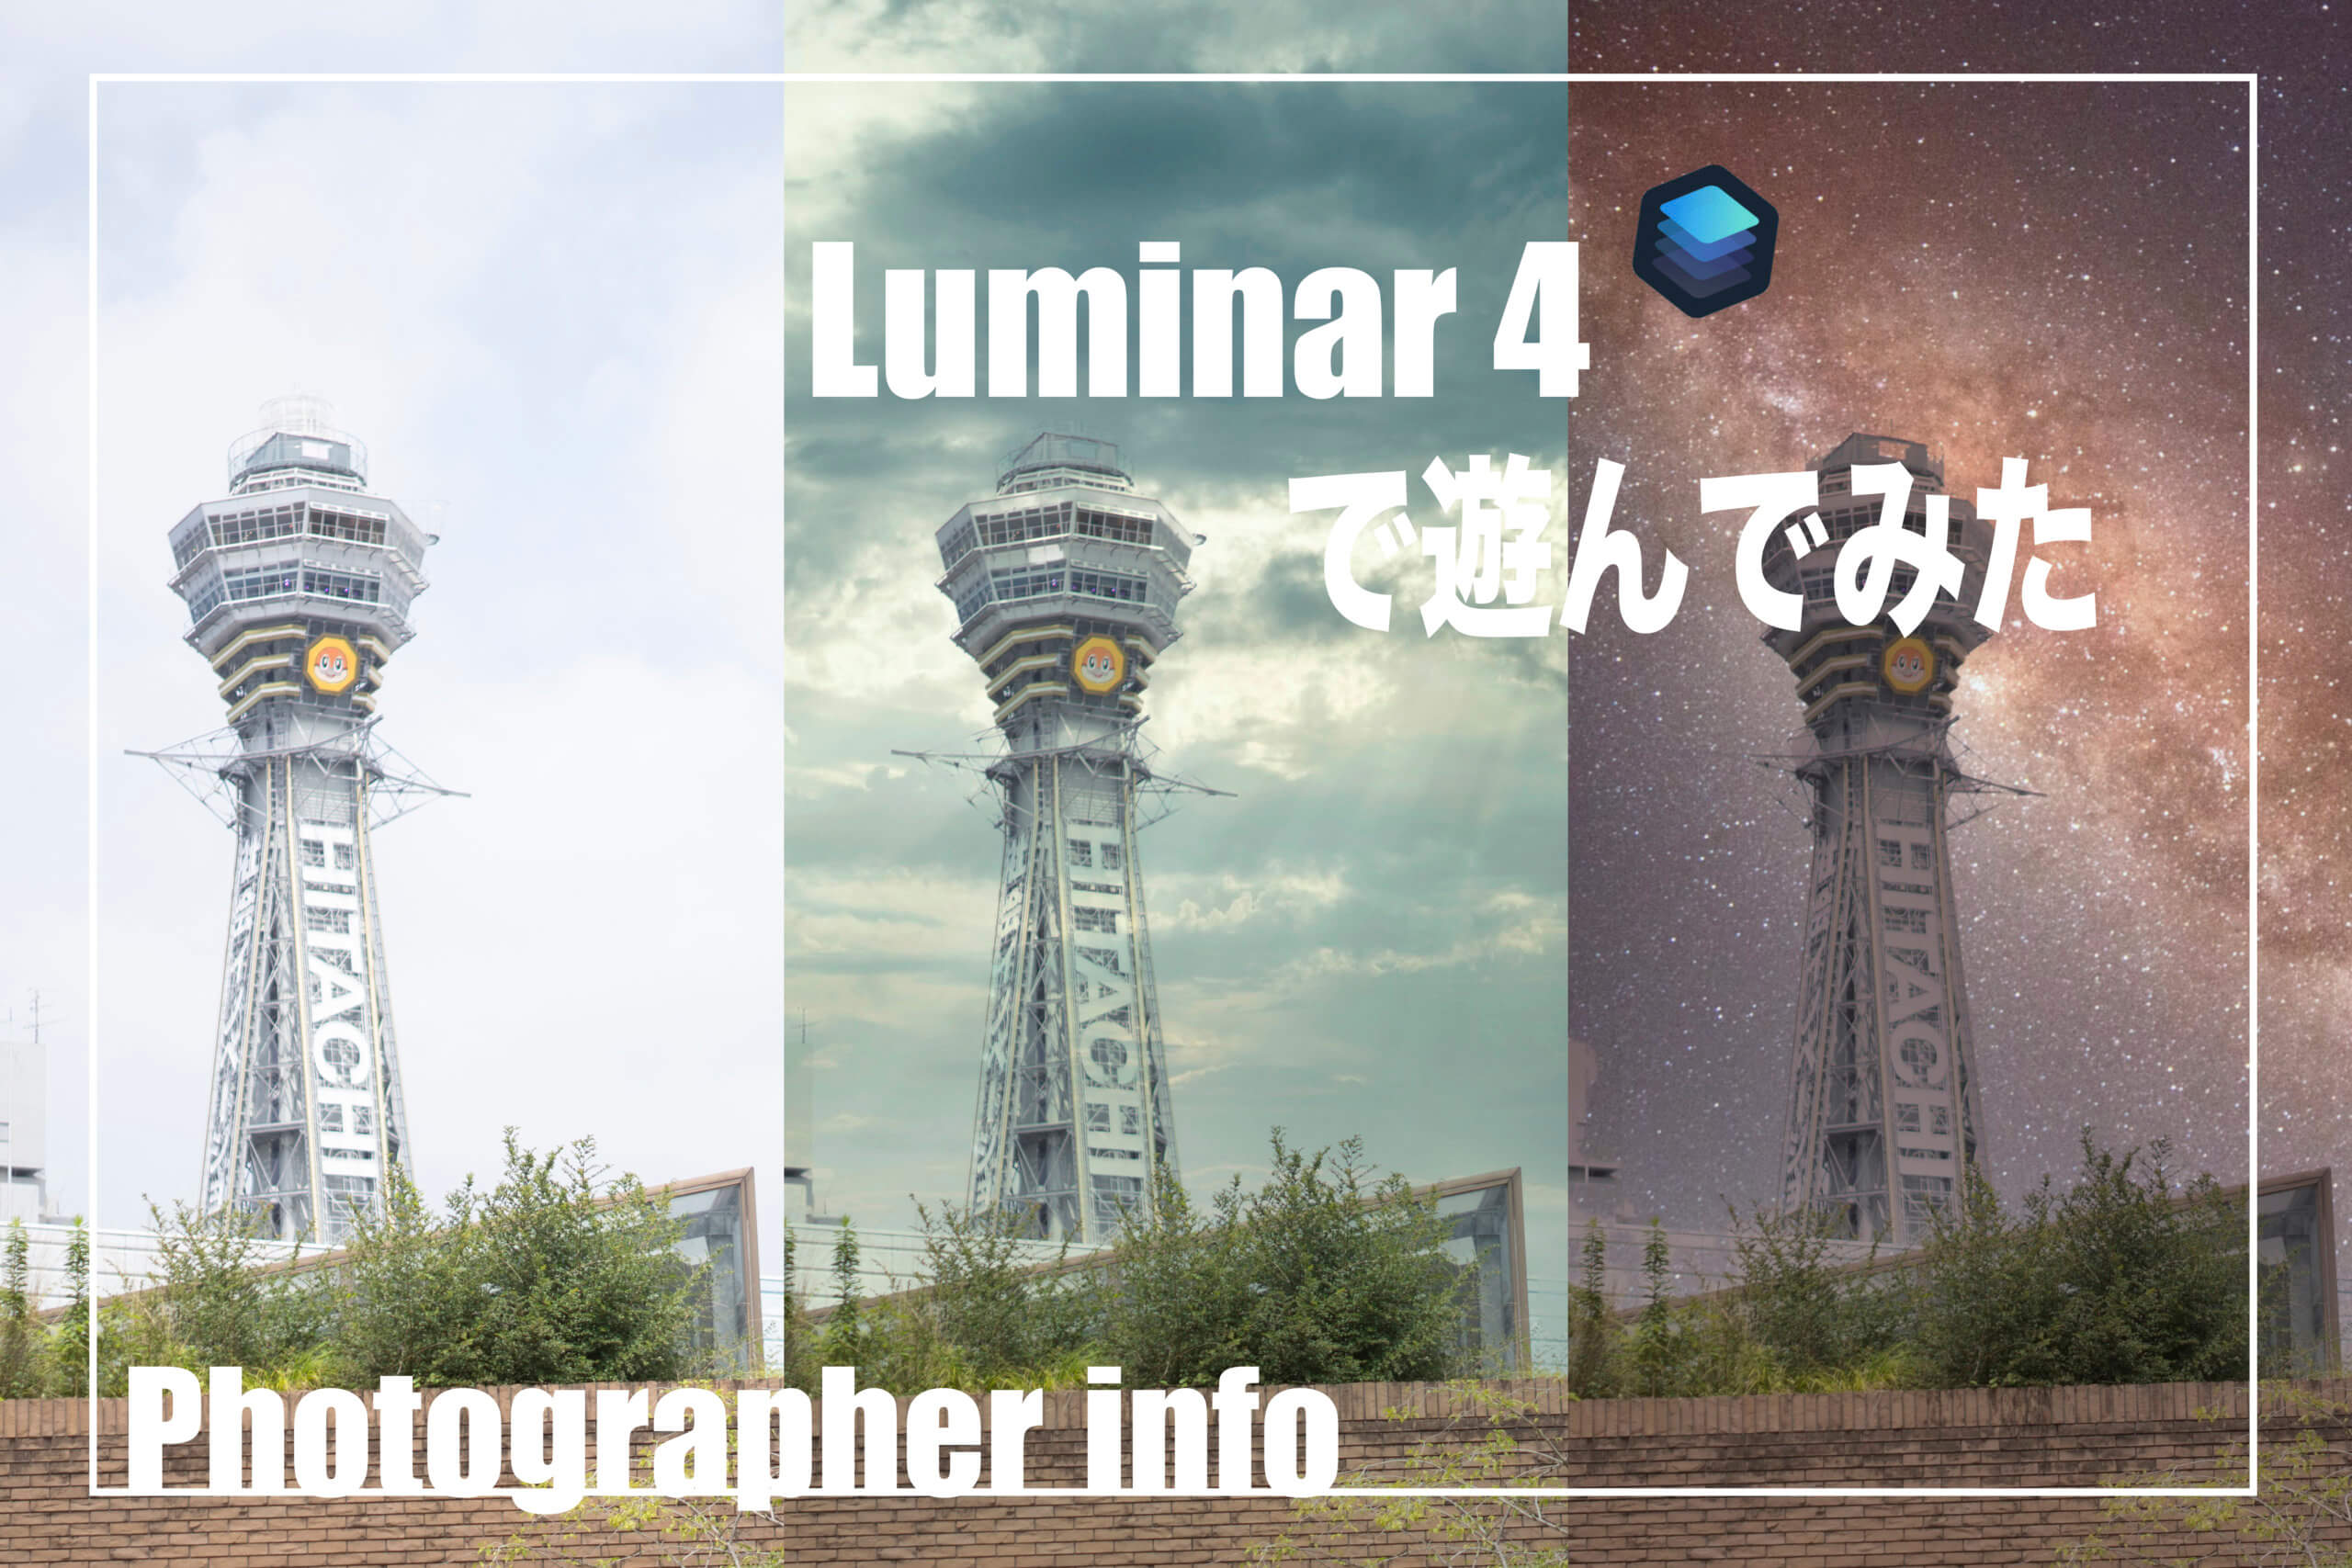 Photographer info 画像編集 ソフト Luminar4を使って遊んでみた Vol.1《AIスカイリプレースメント 天王寺動物園からの画像にて》